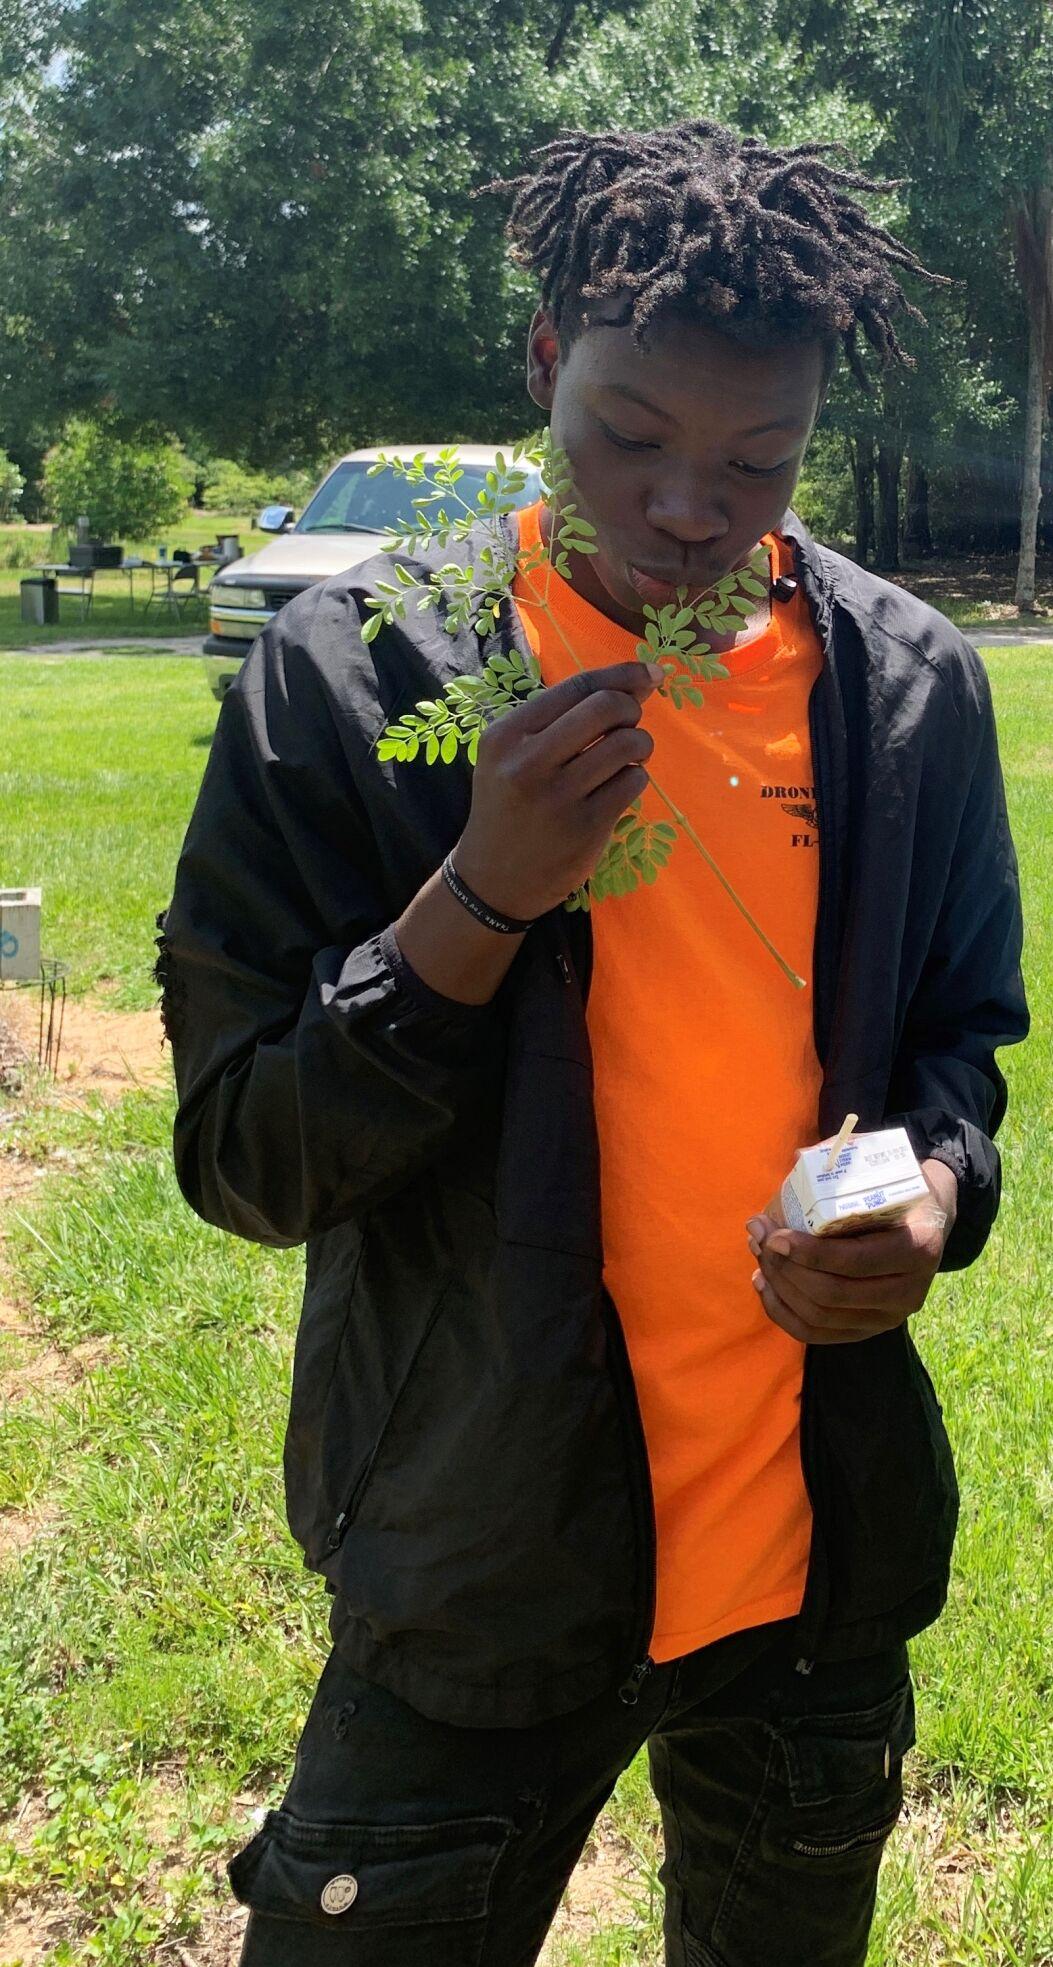 Cadet eats plant